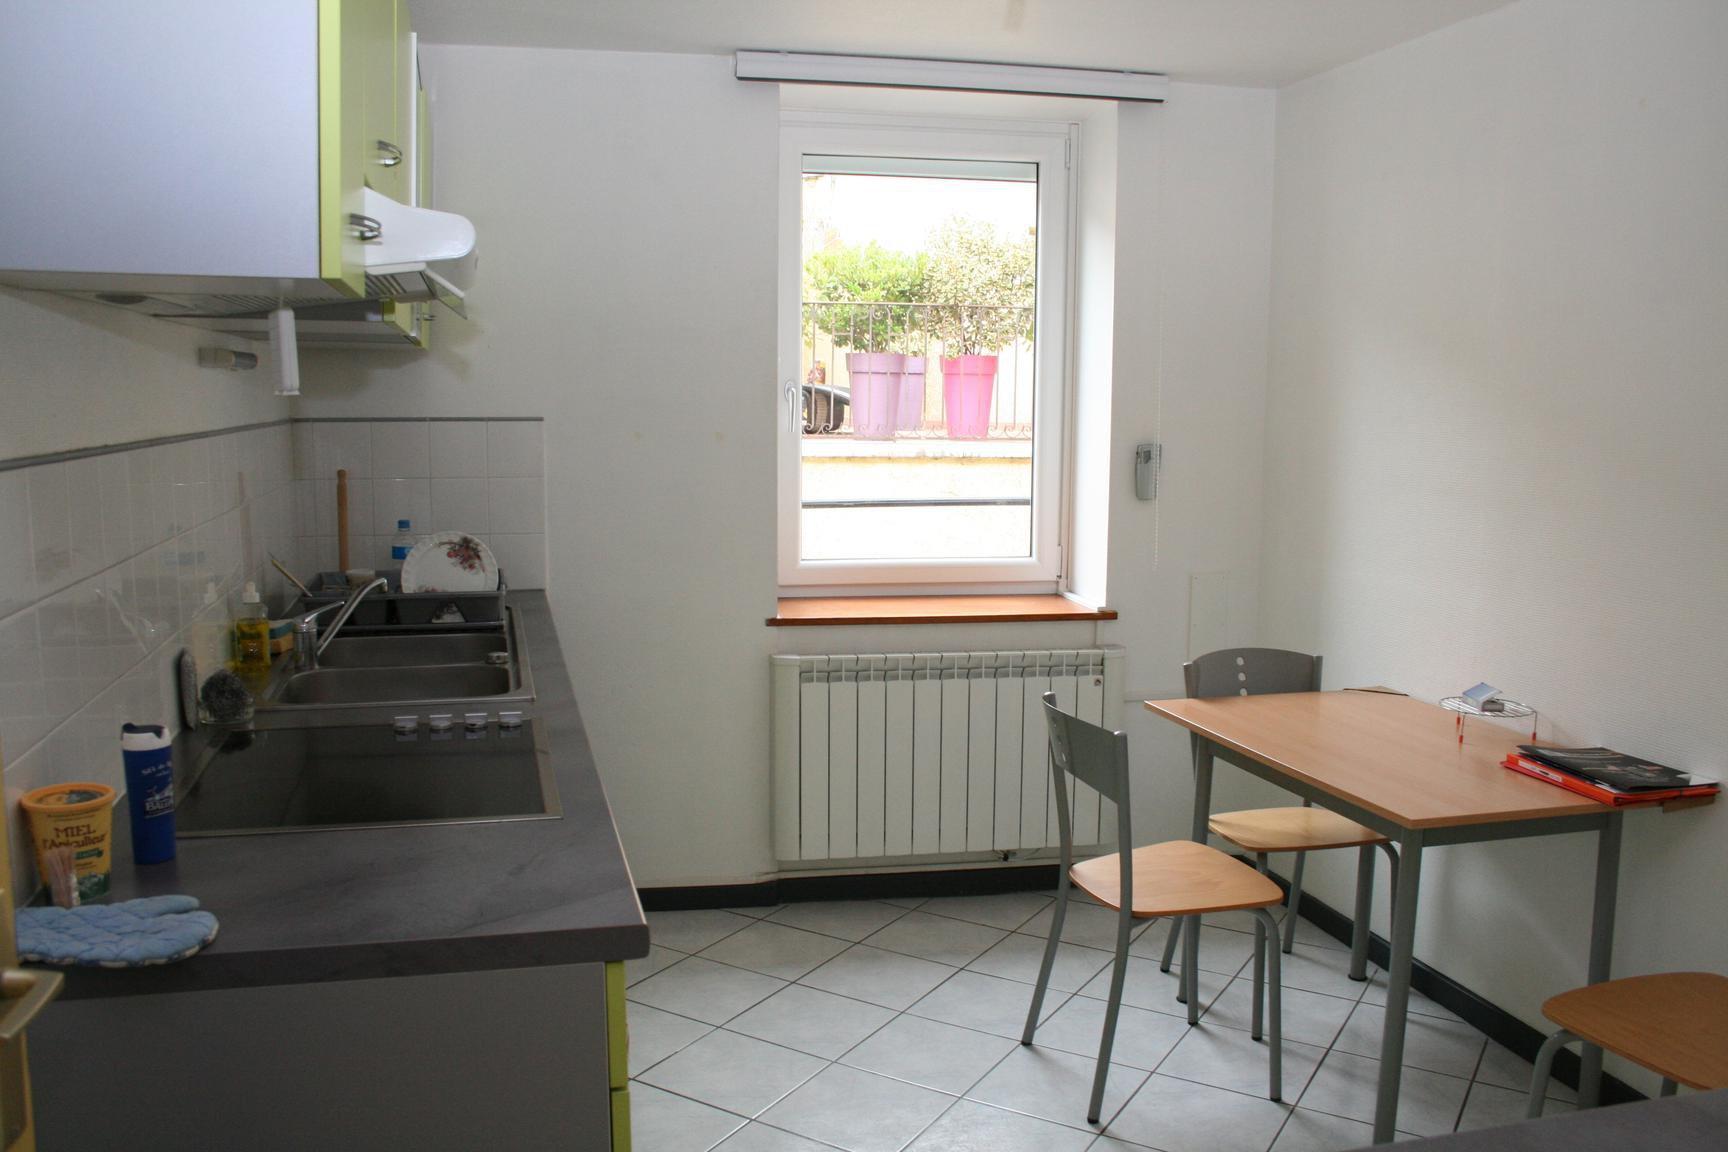 Vente Duplex - Villefranche-sur-Saône